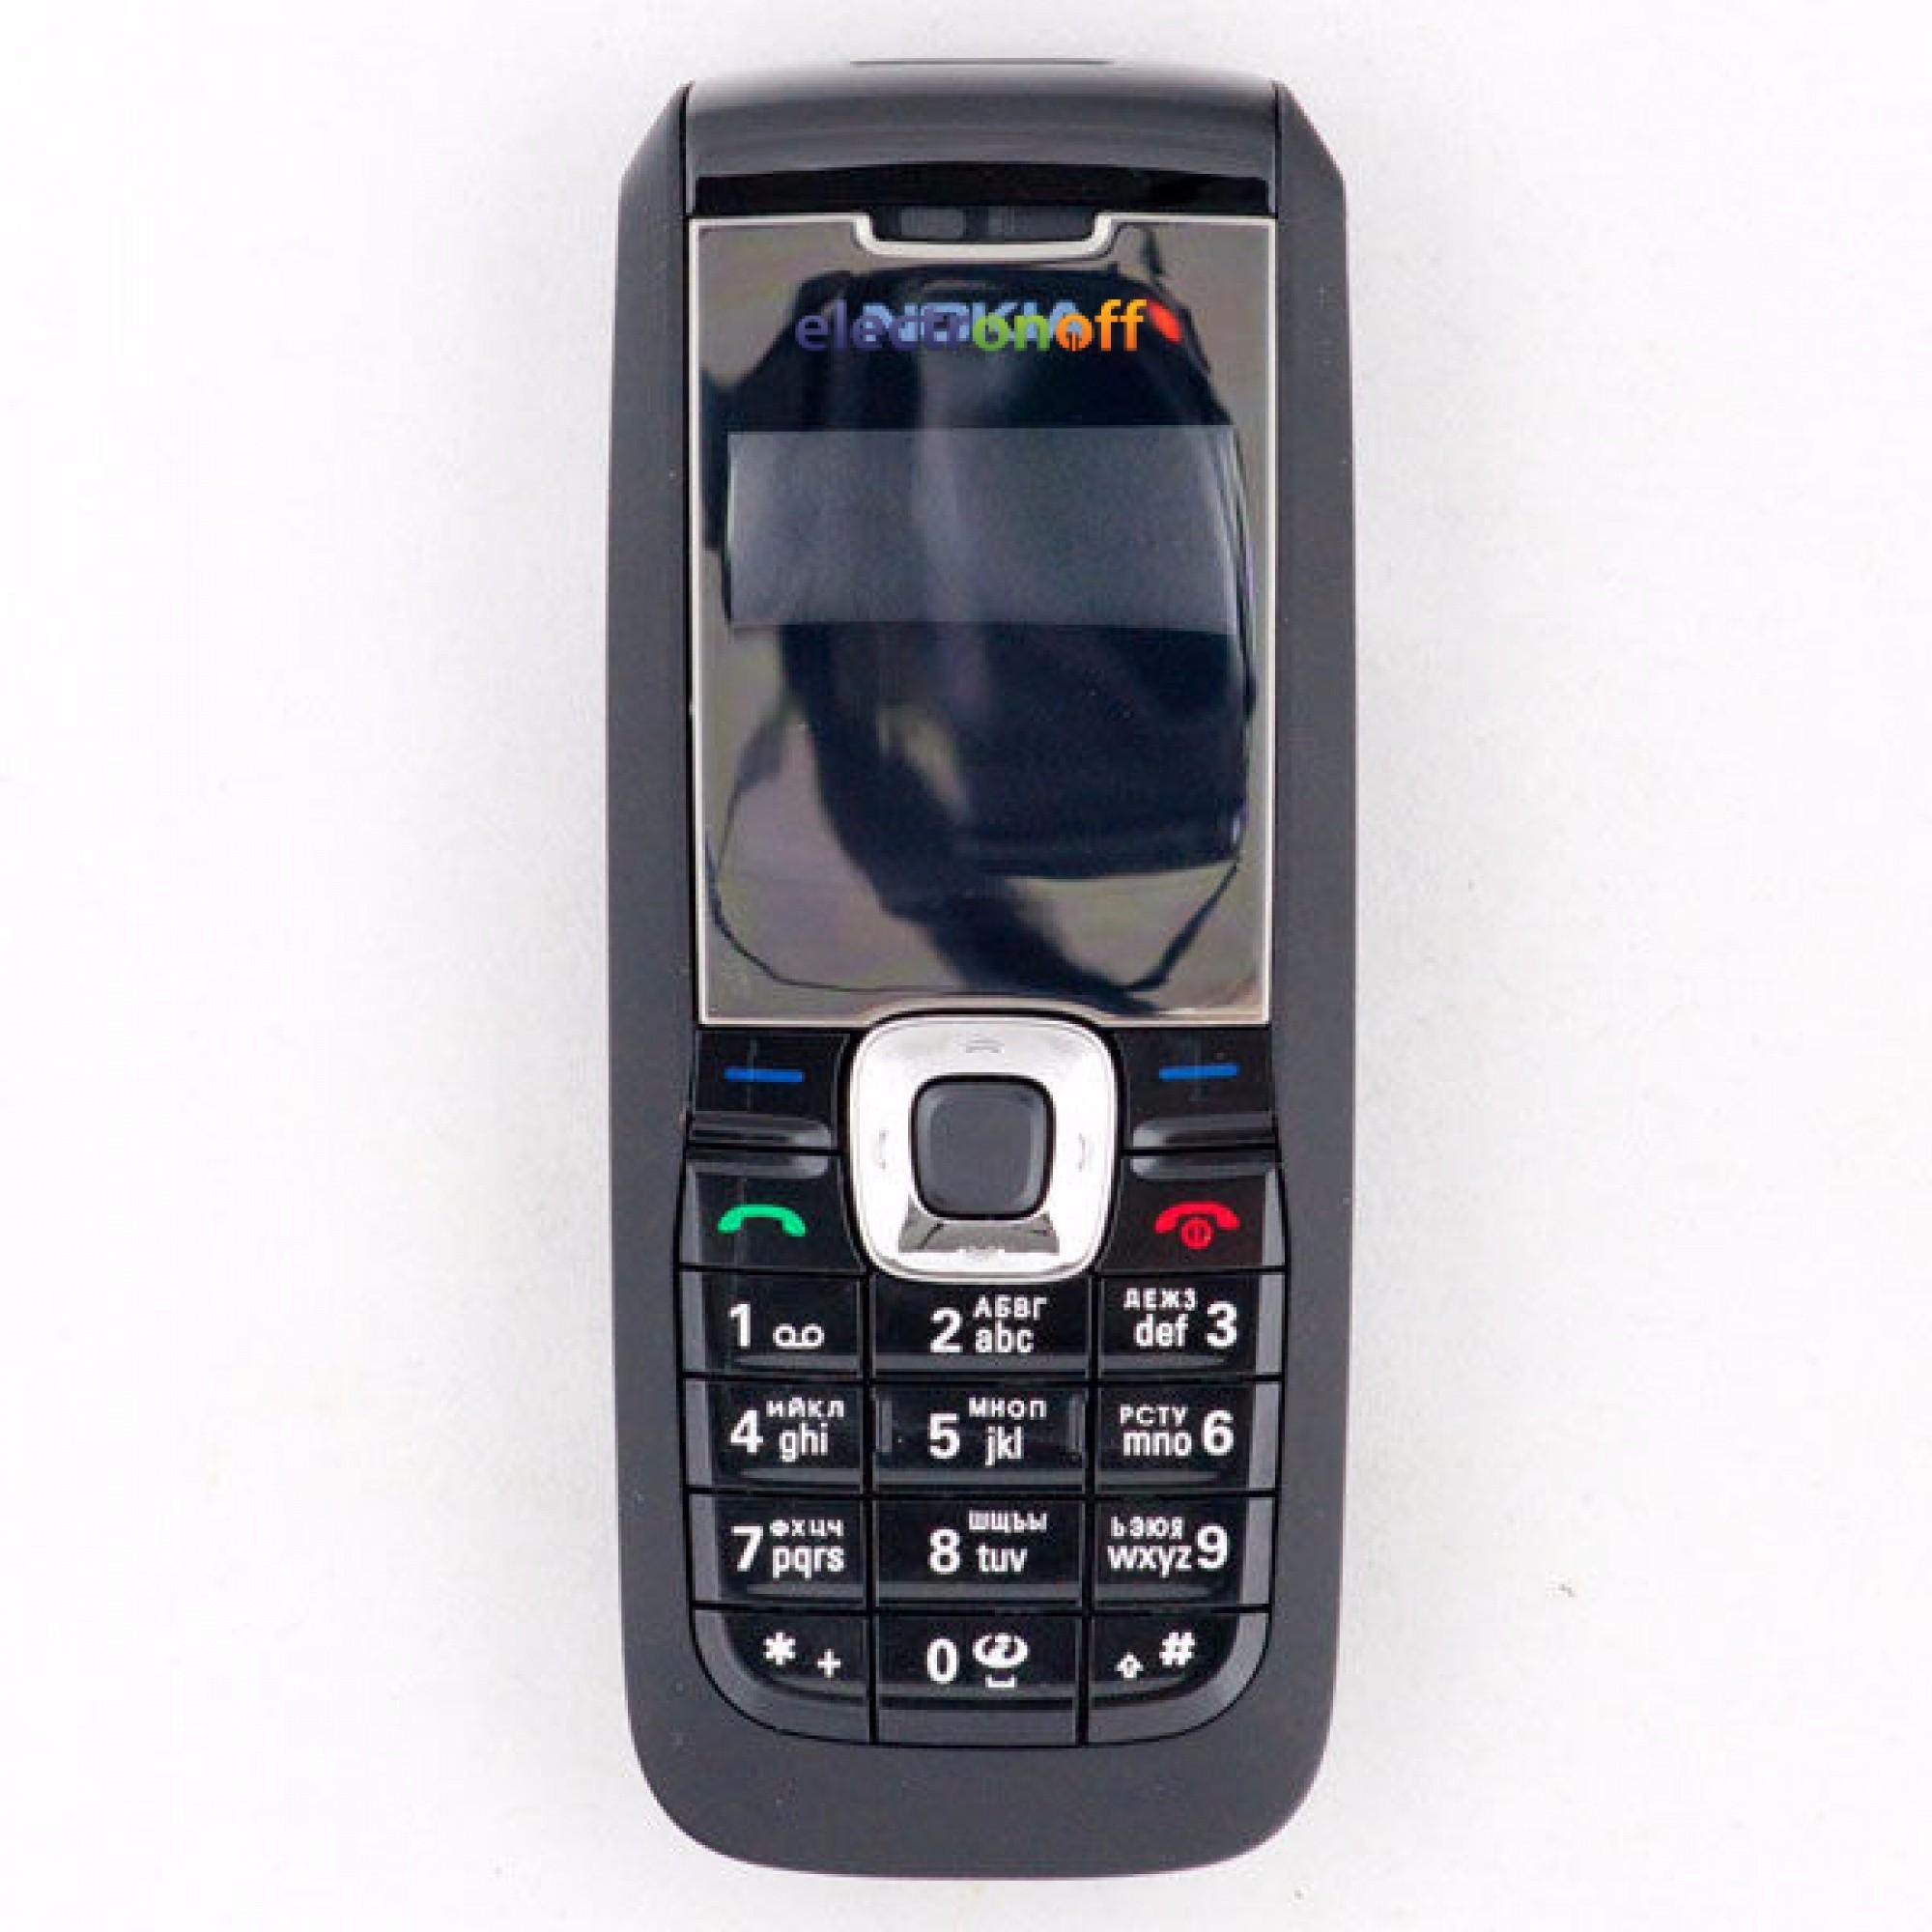 ... 2255 Дисплей для Nokia 2610, 6030, 2626, 5140, 2255